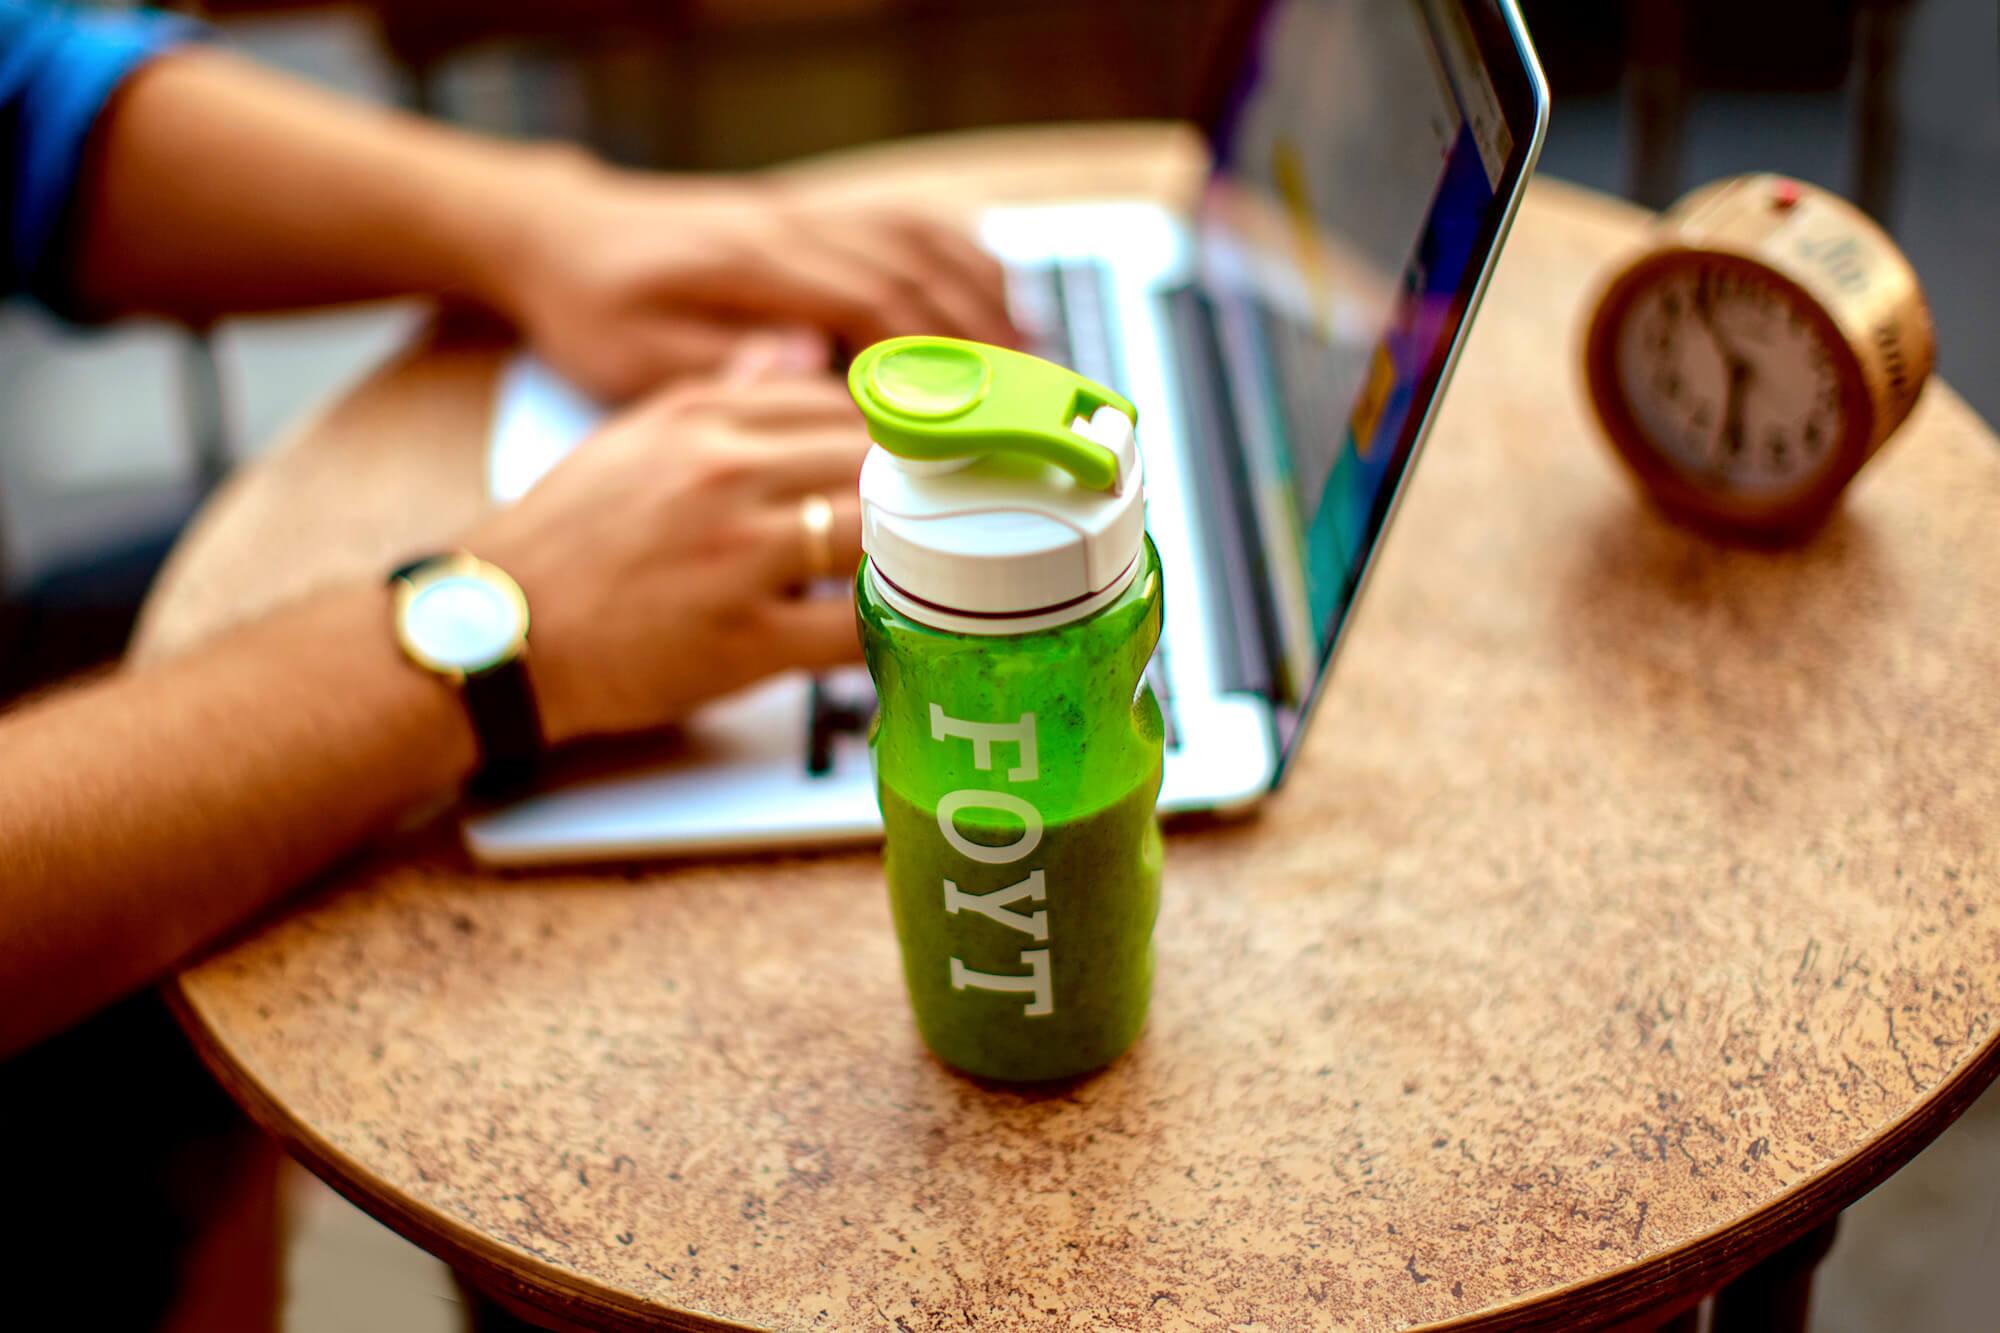 Коктейль для здорового питания — его делает стартап из акселератора Университета ИТМО - 1